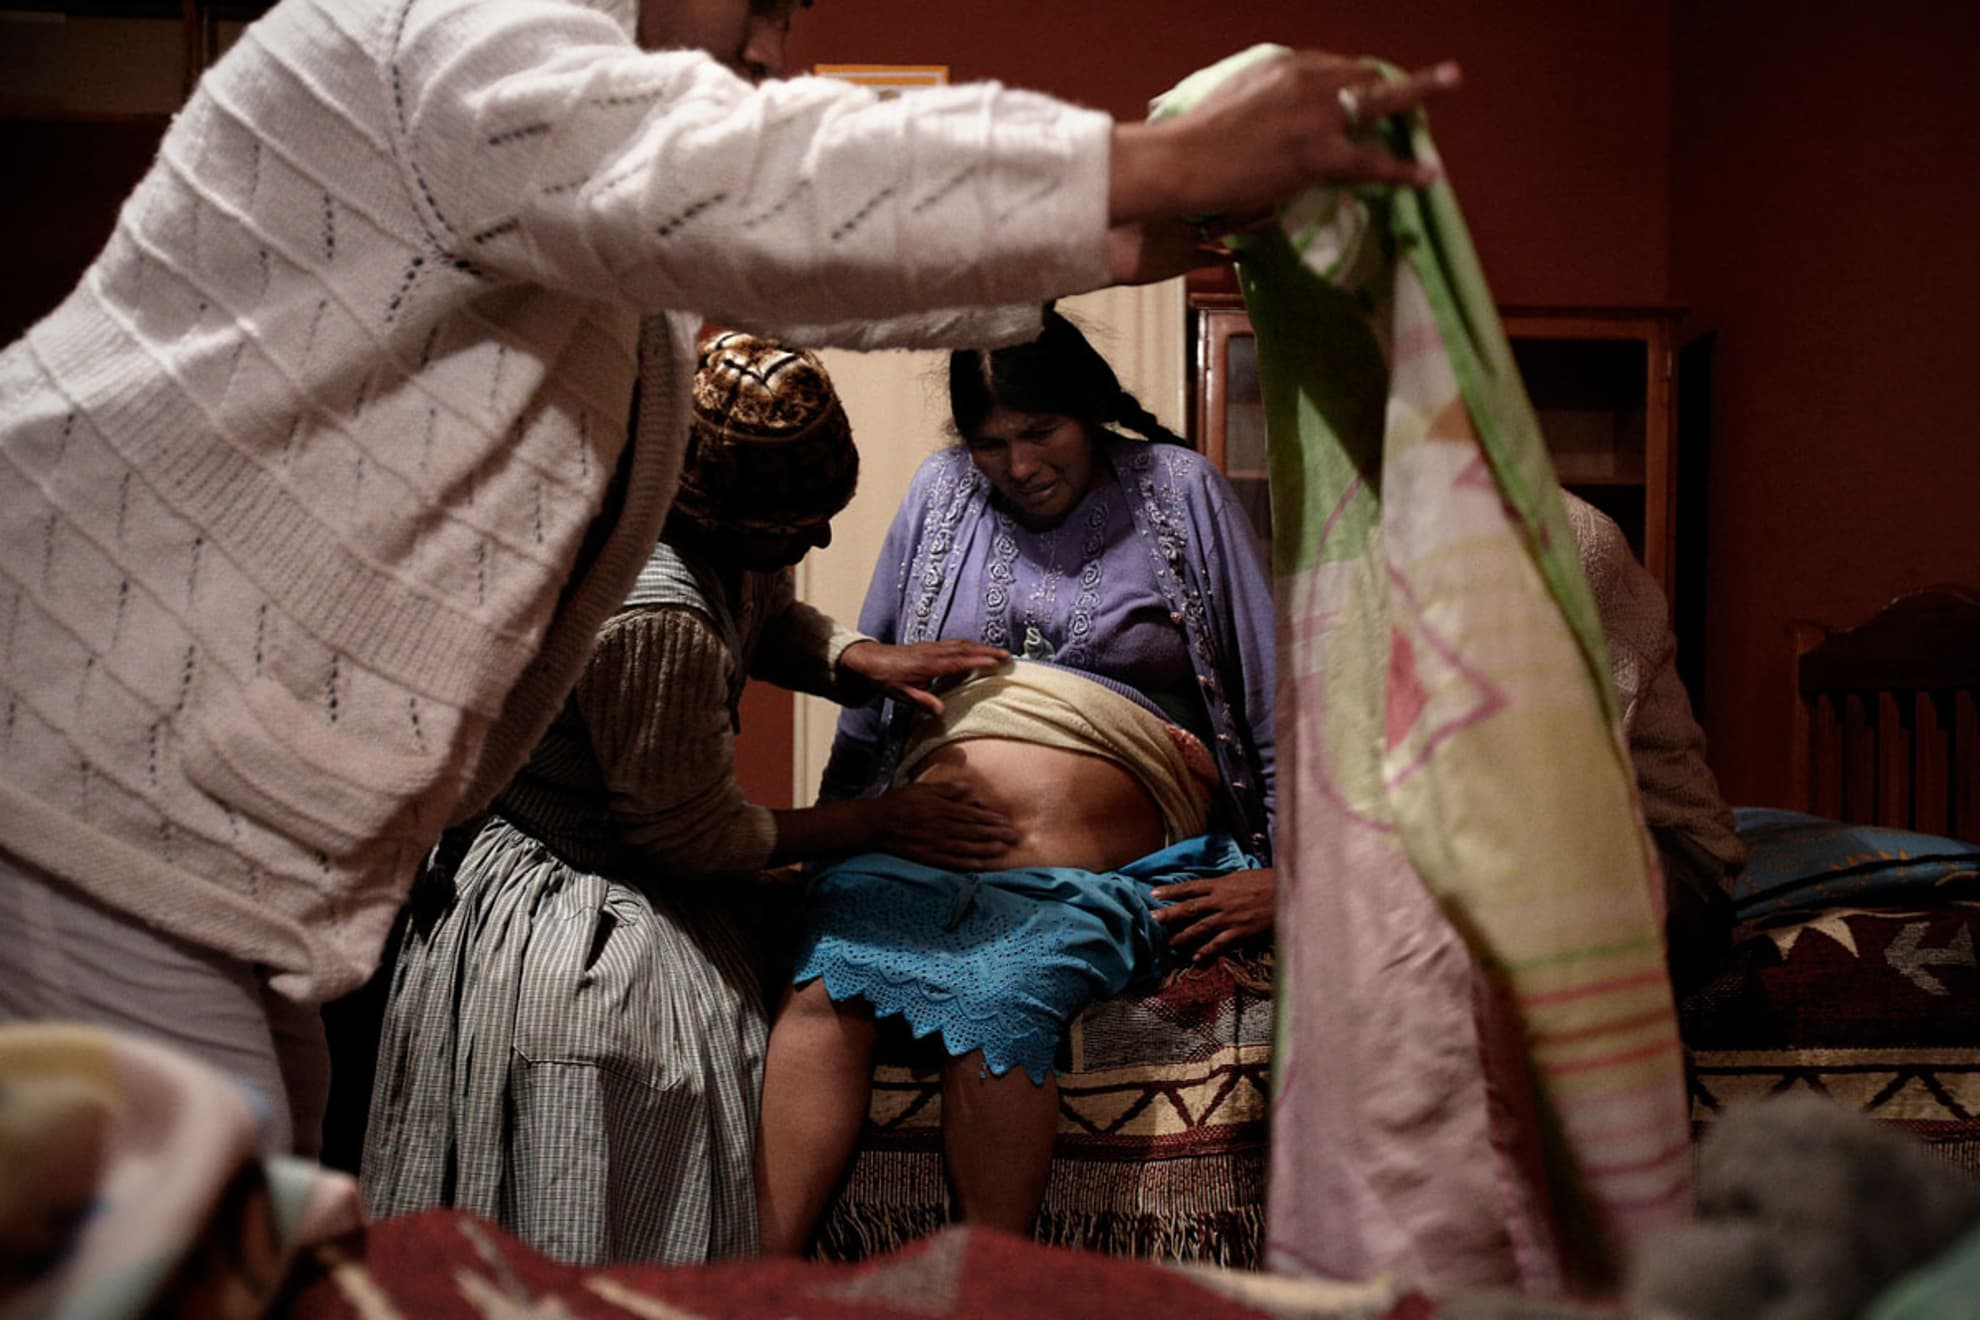 Margarita Guarachi de 34 años, en la sala de adecuación cultural del hospital de Coro Coro. A su lado, su marido Pedro Orcori de 23 años y el doctor Roger Velazquez, 47 años junto a la partera Marta.